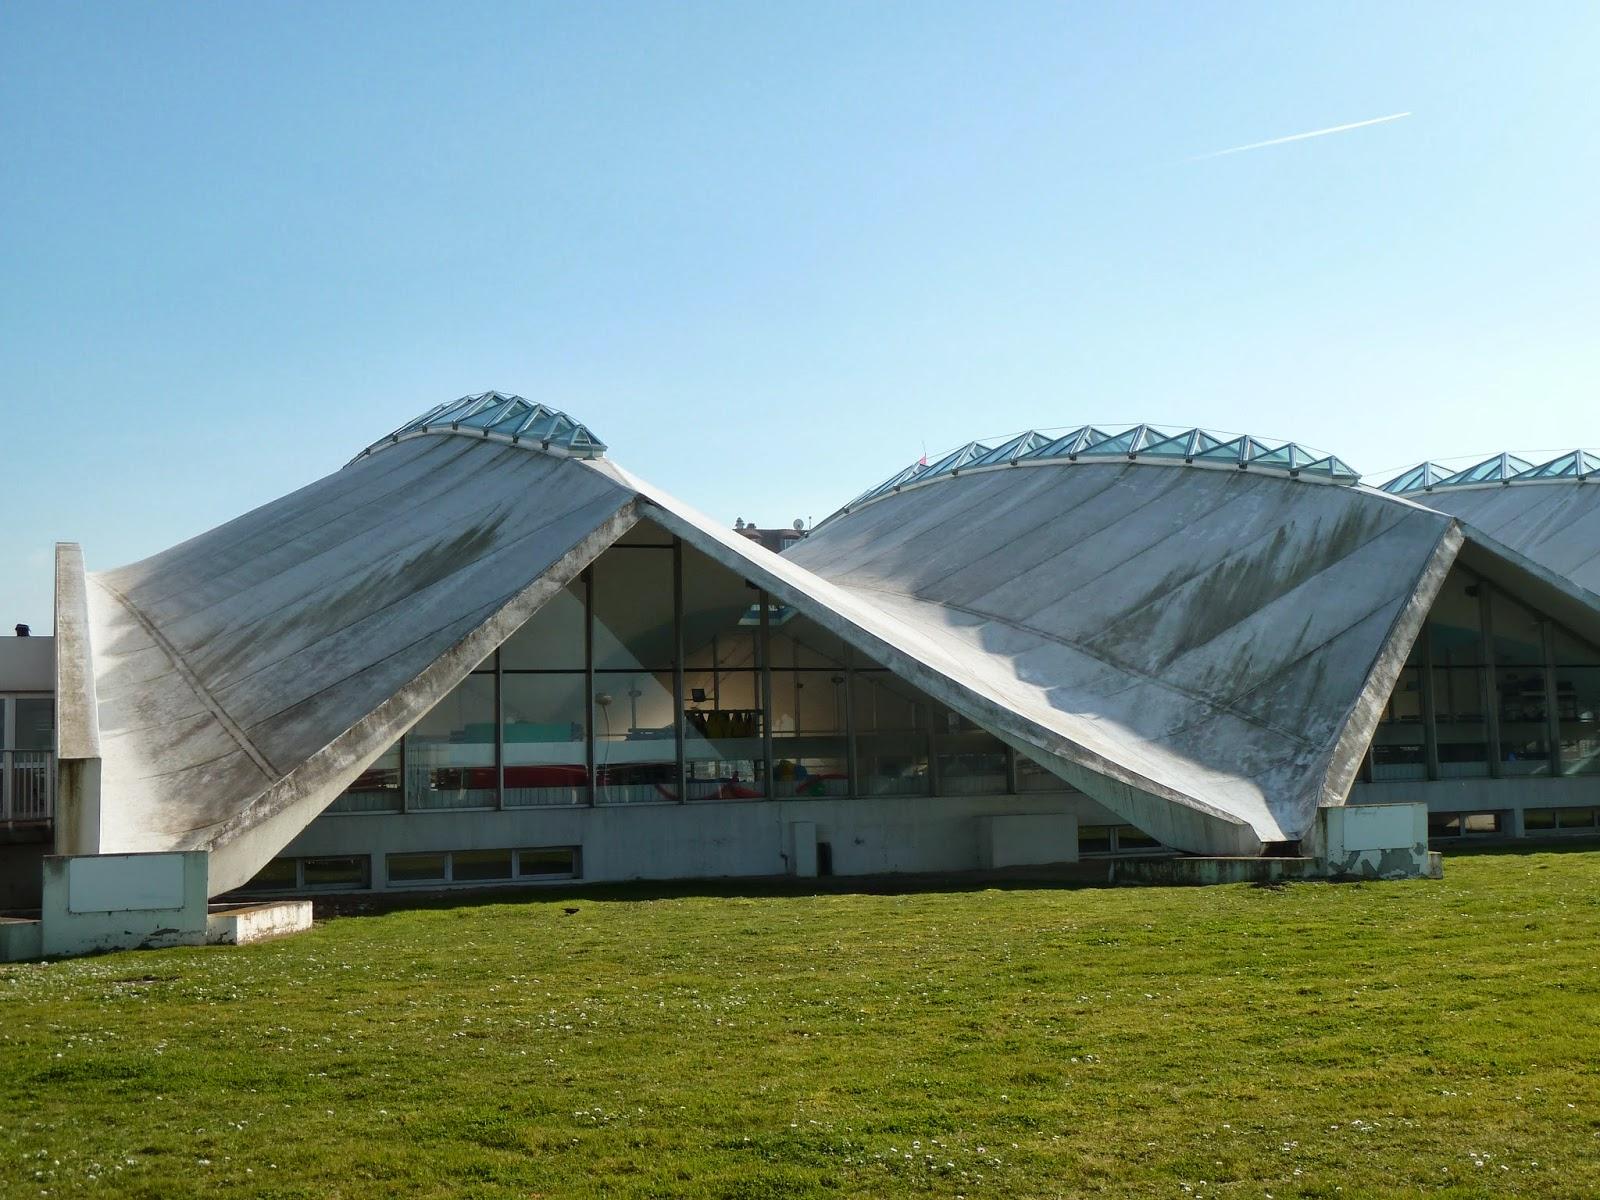 Entrevoir: Deauville, Piscine Olympique - 1966 R. Taillibert encequiconcerne Piscine Olympique Deauville